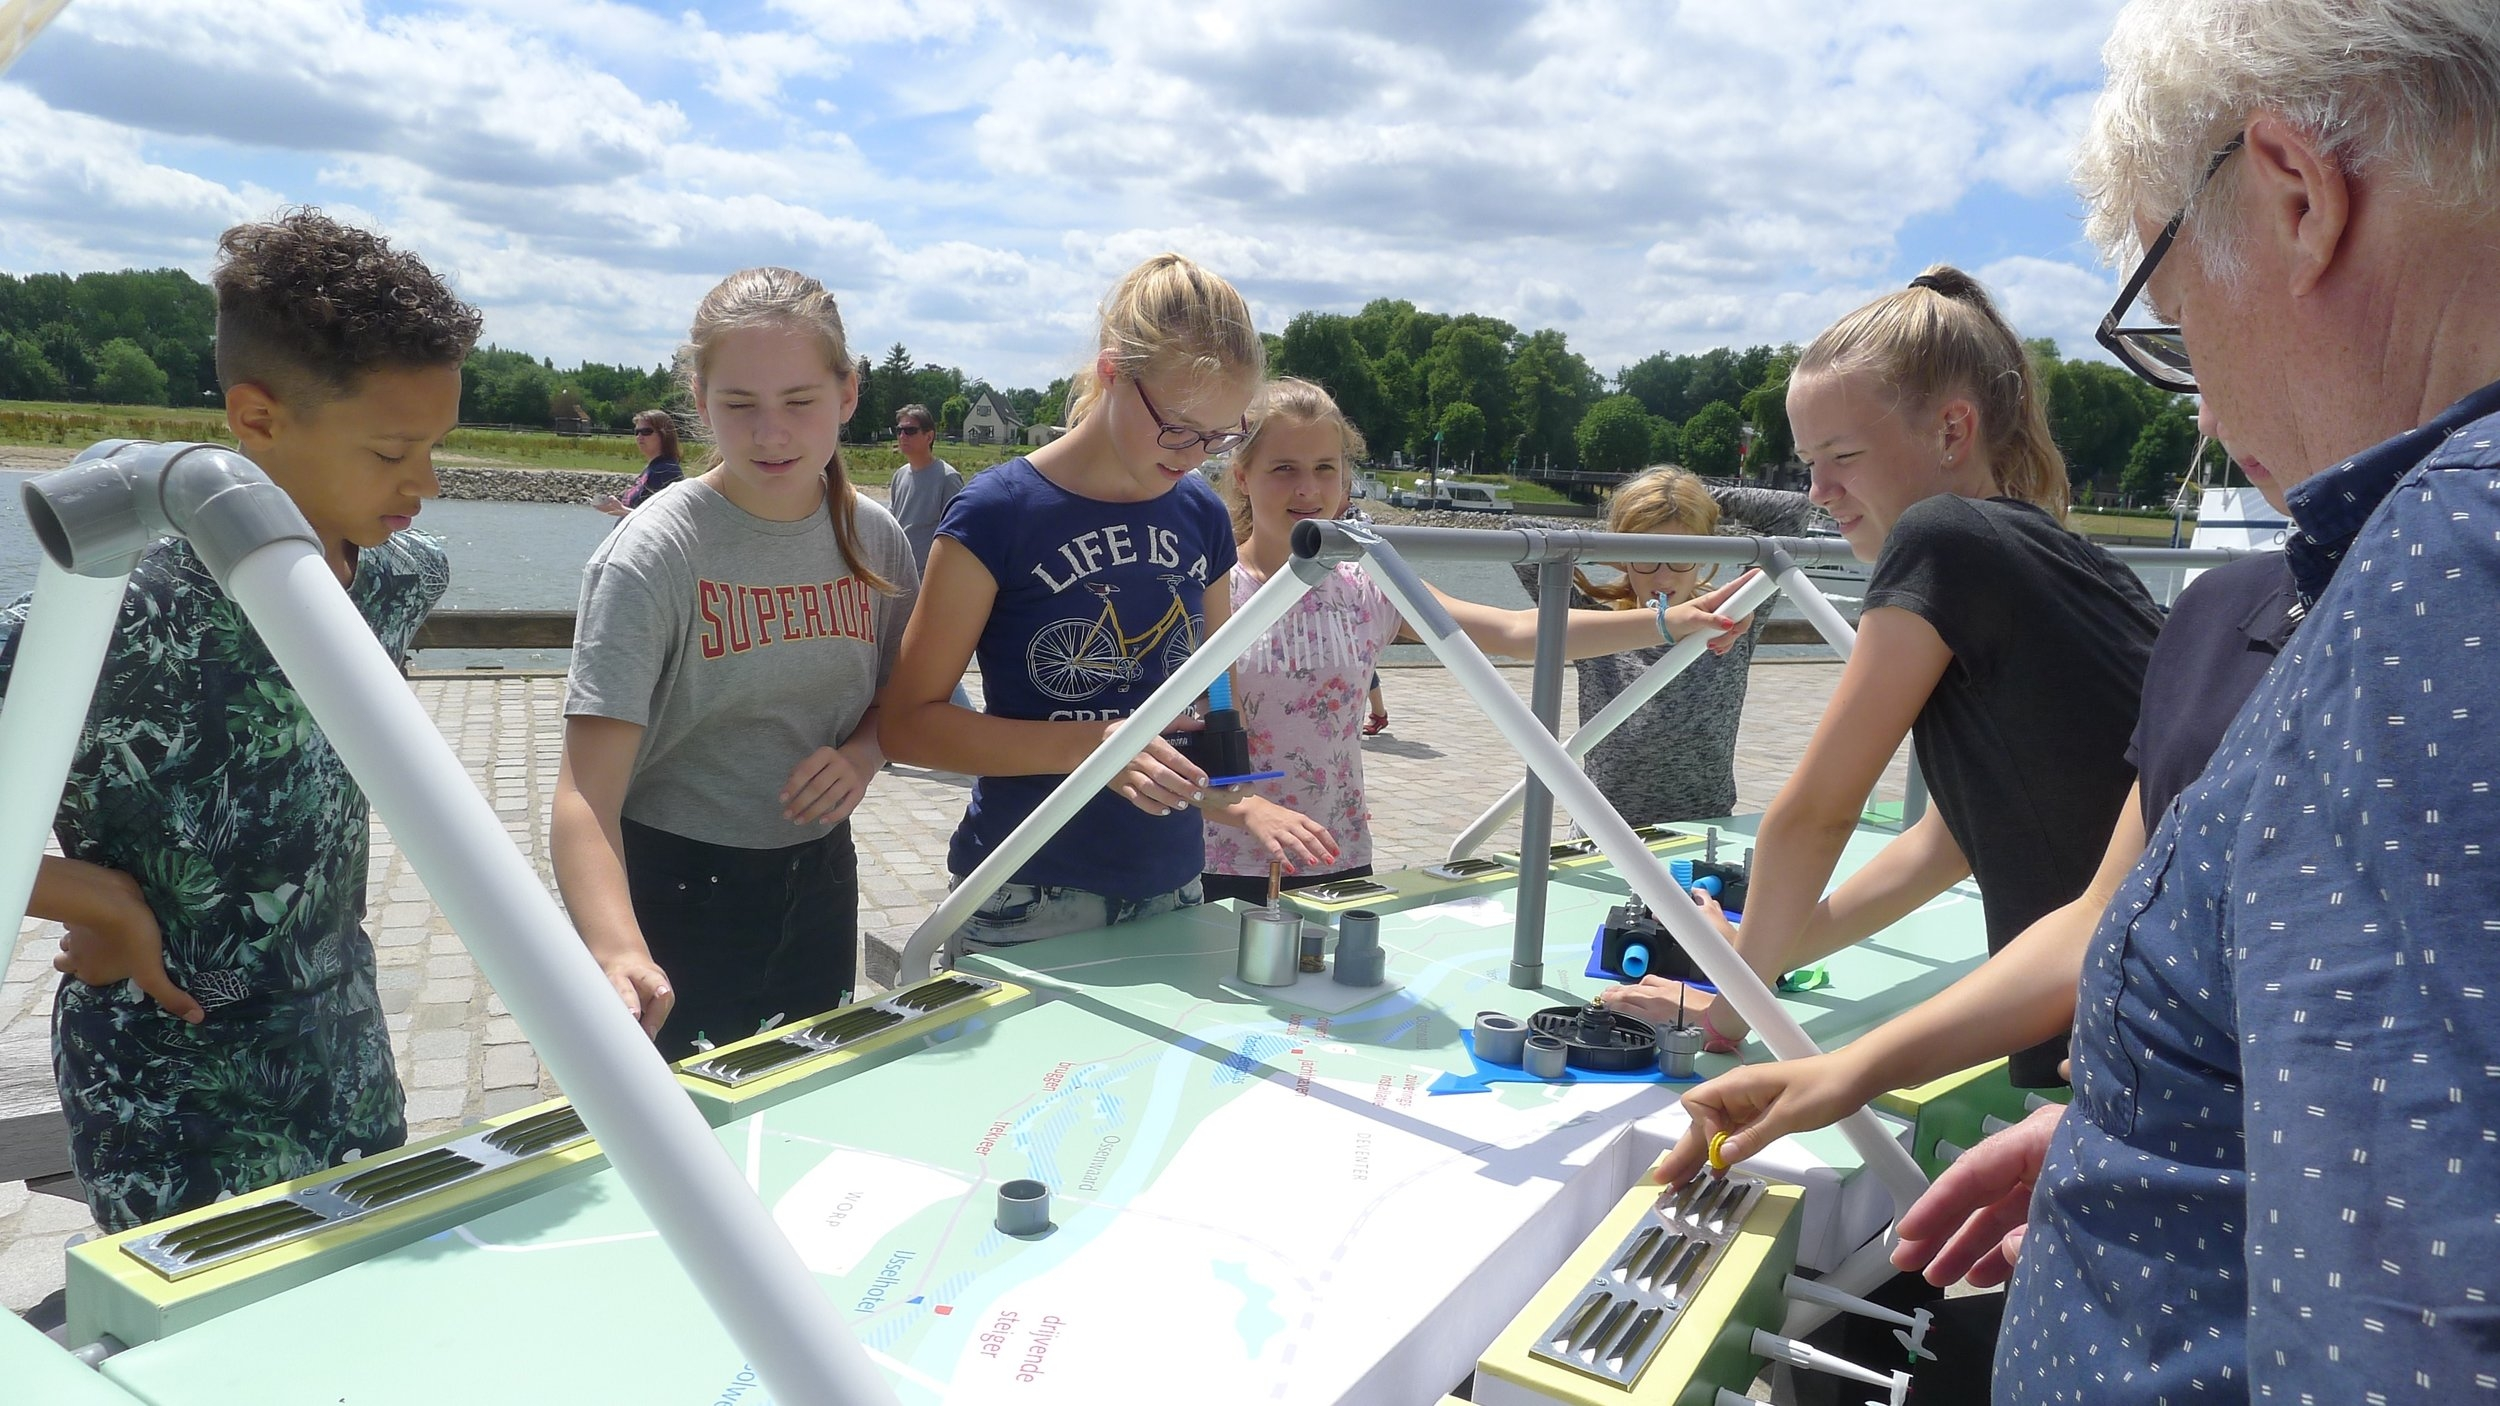 Brugklas van de Boerhaave organiseren de inrichting van de IJsselvallei als Energielandschap.